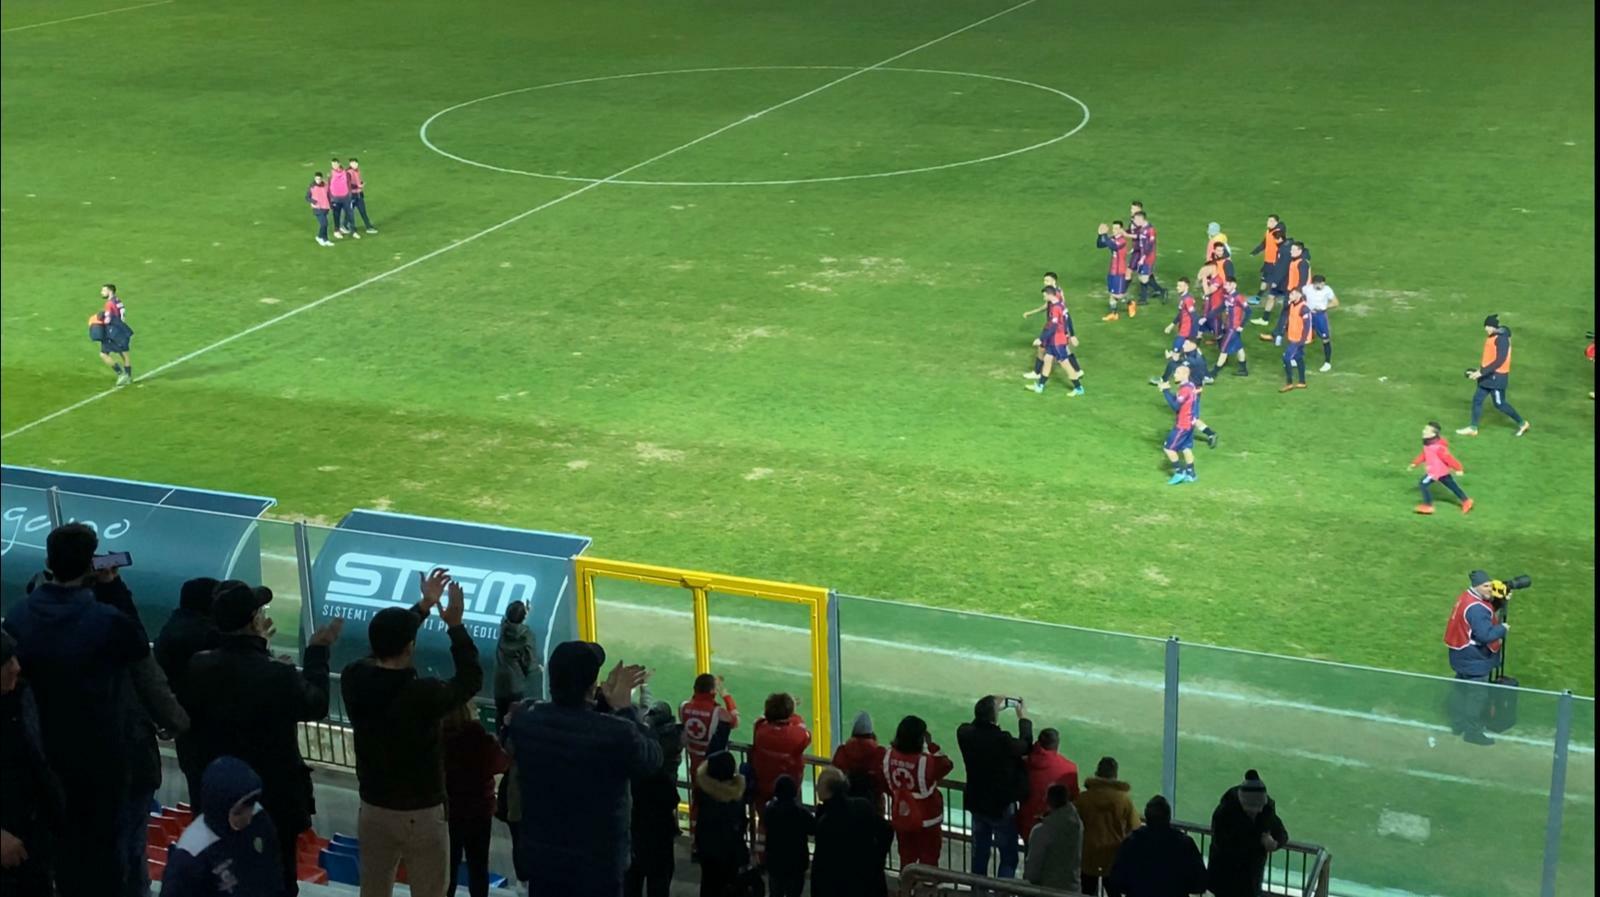 VIBONESE-FRANCAVILLA 2-1 | Tabellino e statistiche immagine 14488 US Vibonese Calcio